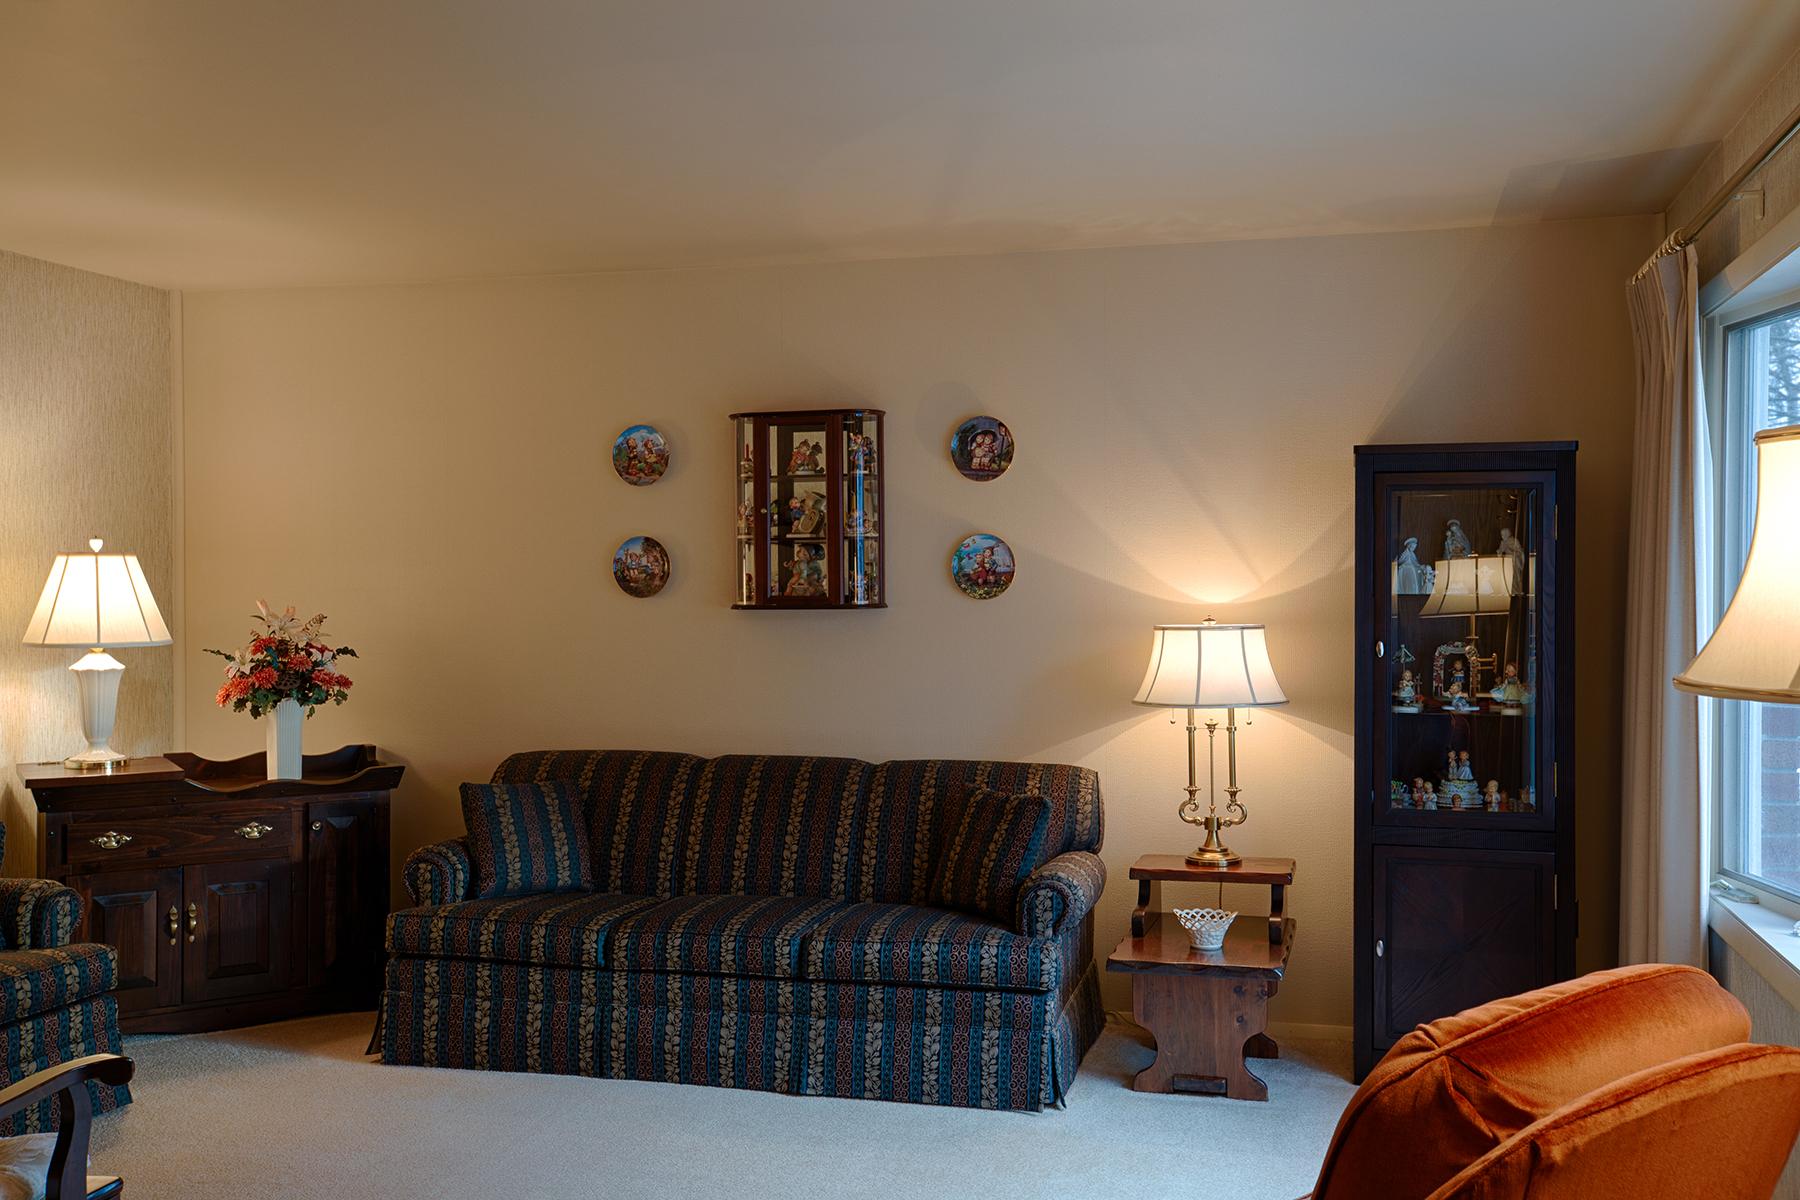 025 EAP Maria Barr 10 Lexington Rd Saratoga Springs crest 32.jpg